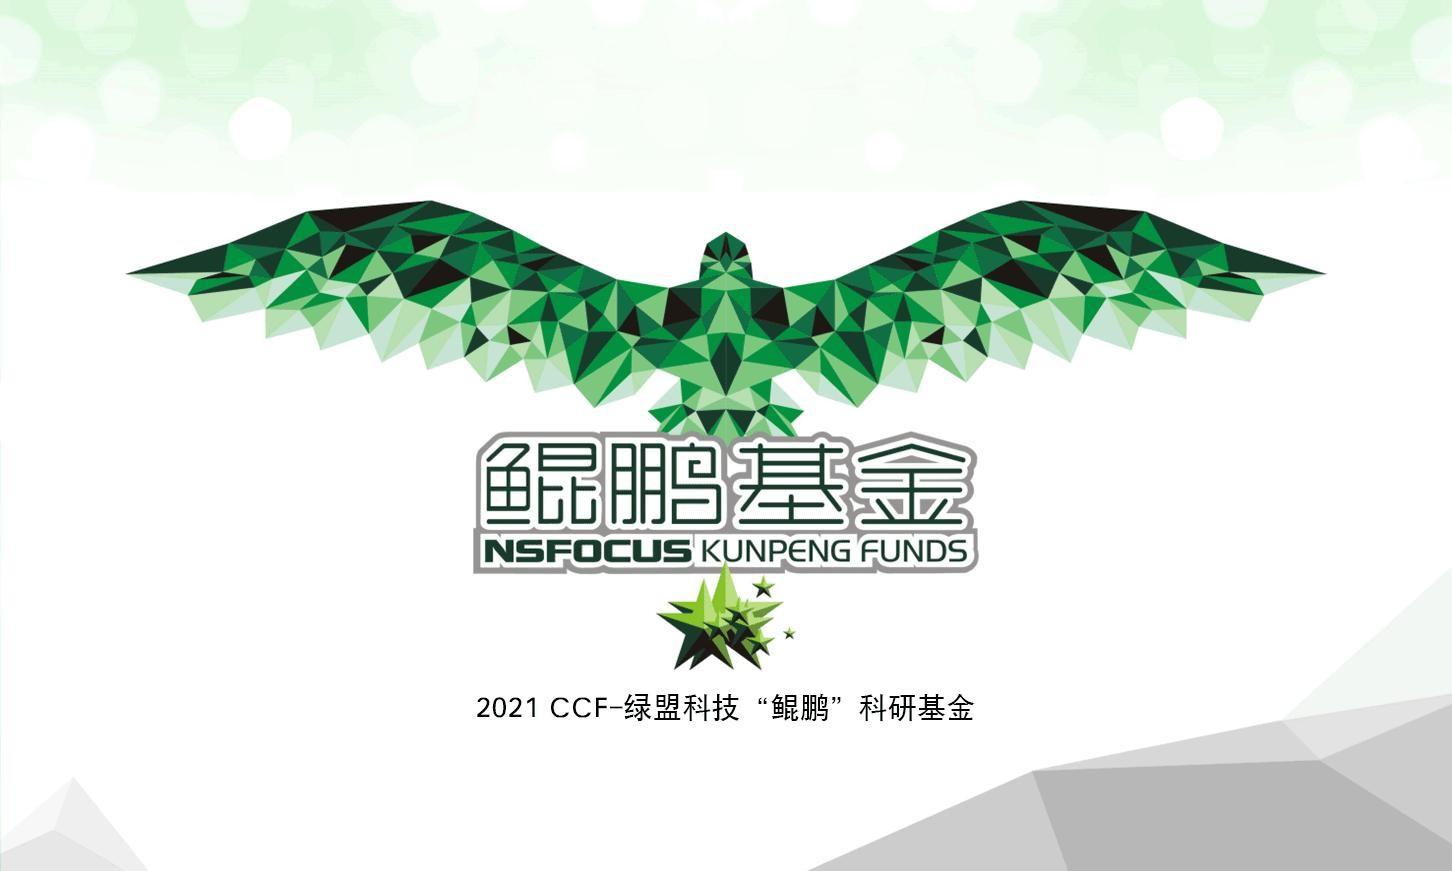 """乘TechWorld2021技术东风,见证""""鲲鹏展翅"""""""